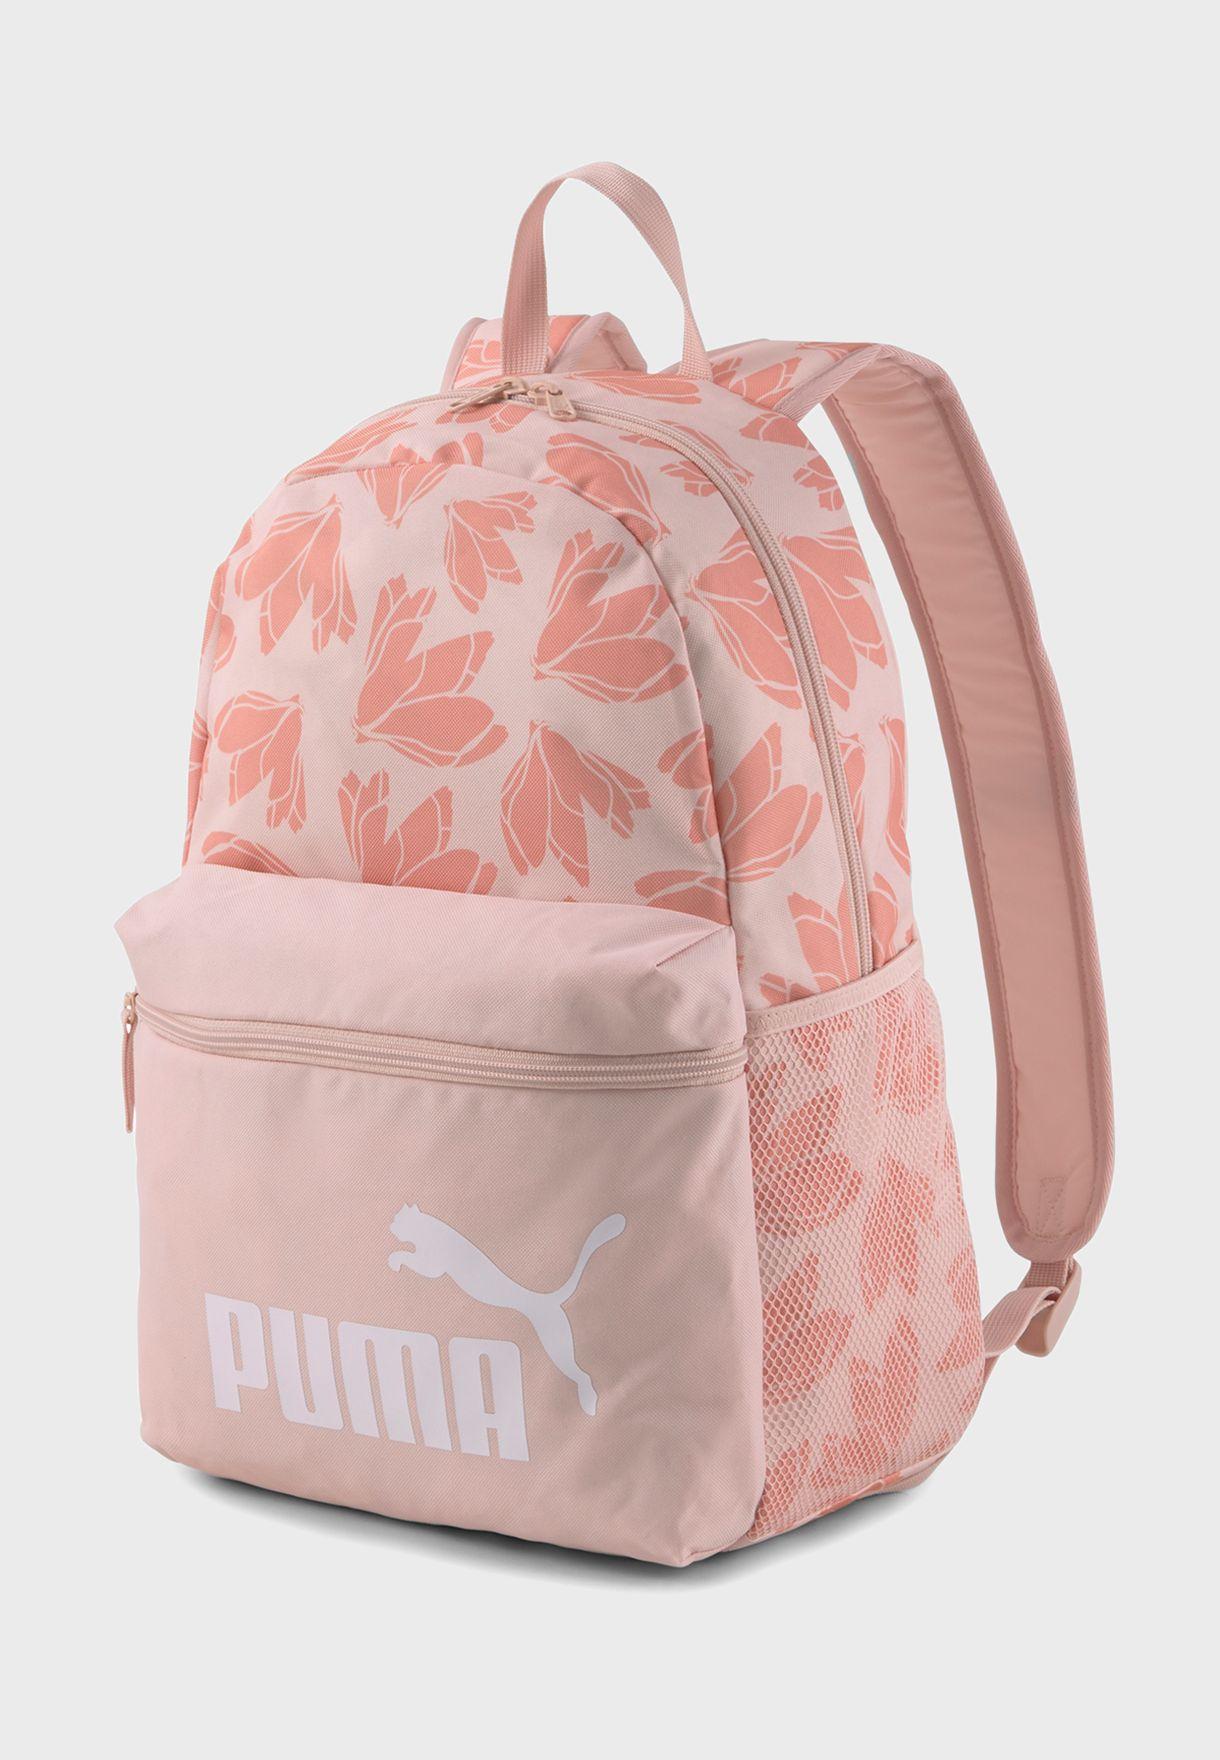 Phase Aop Backpack